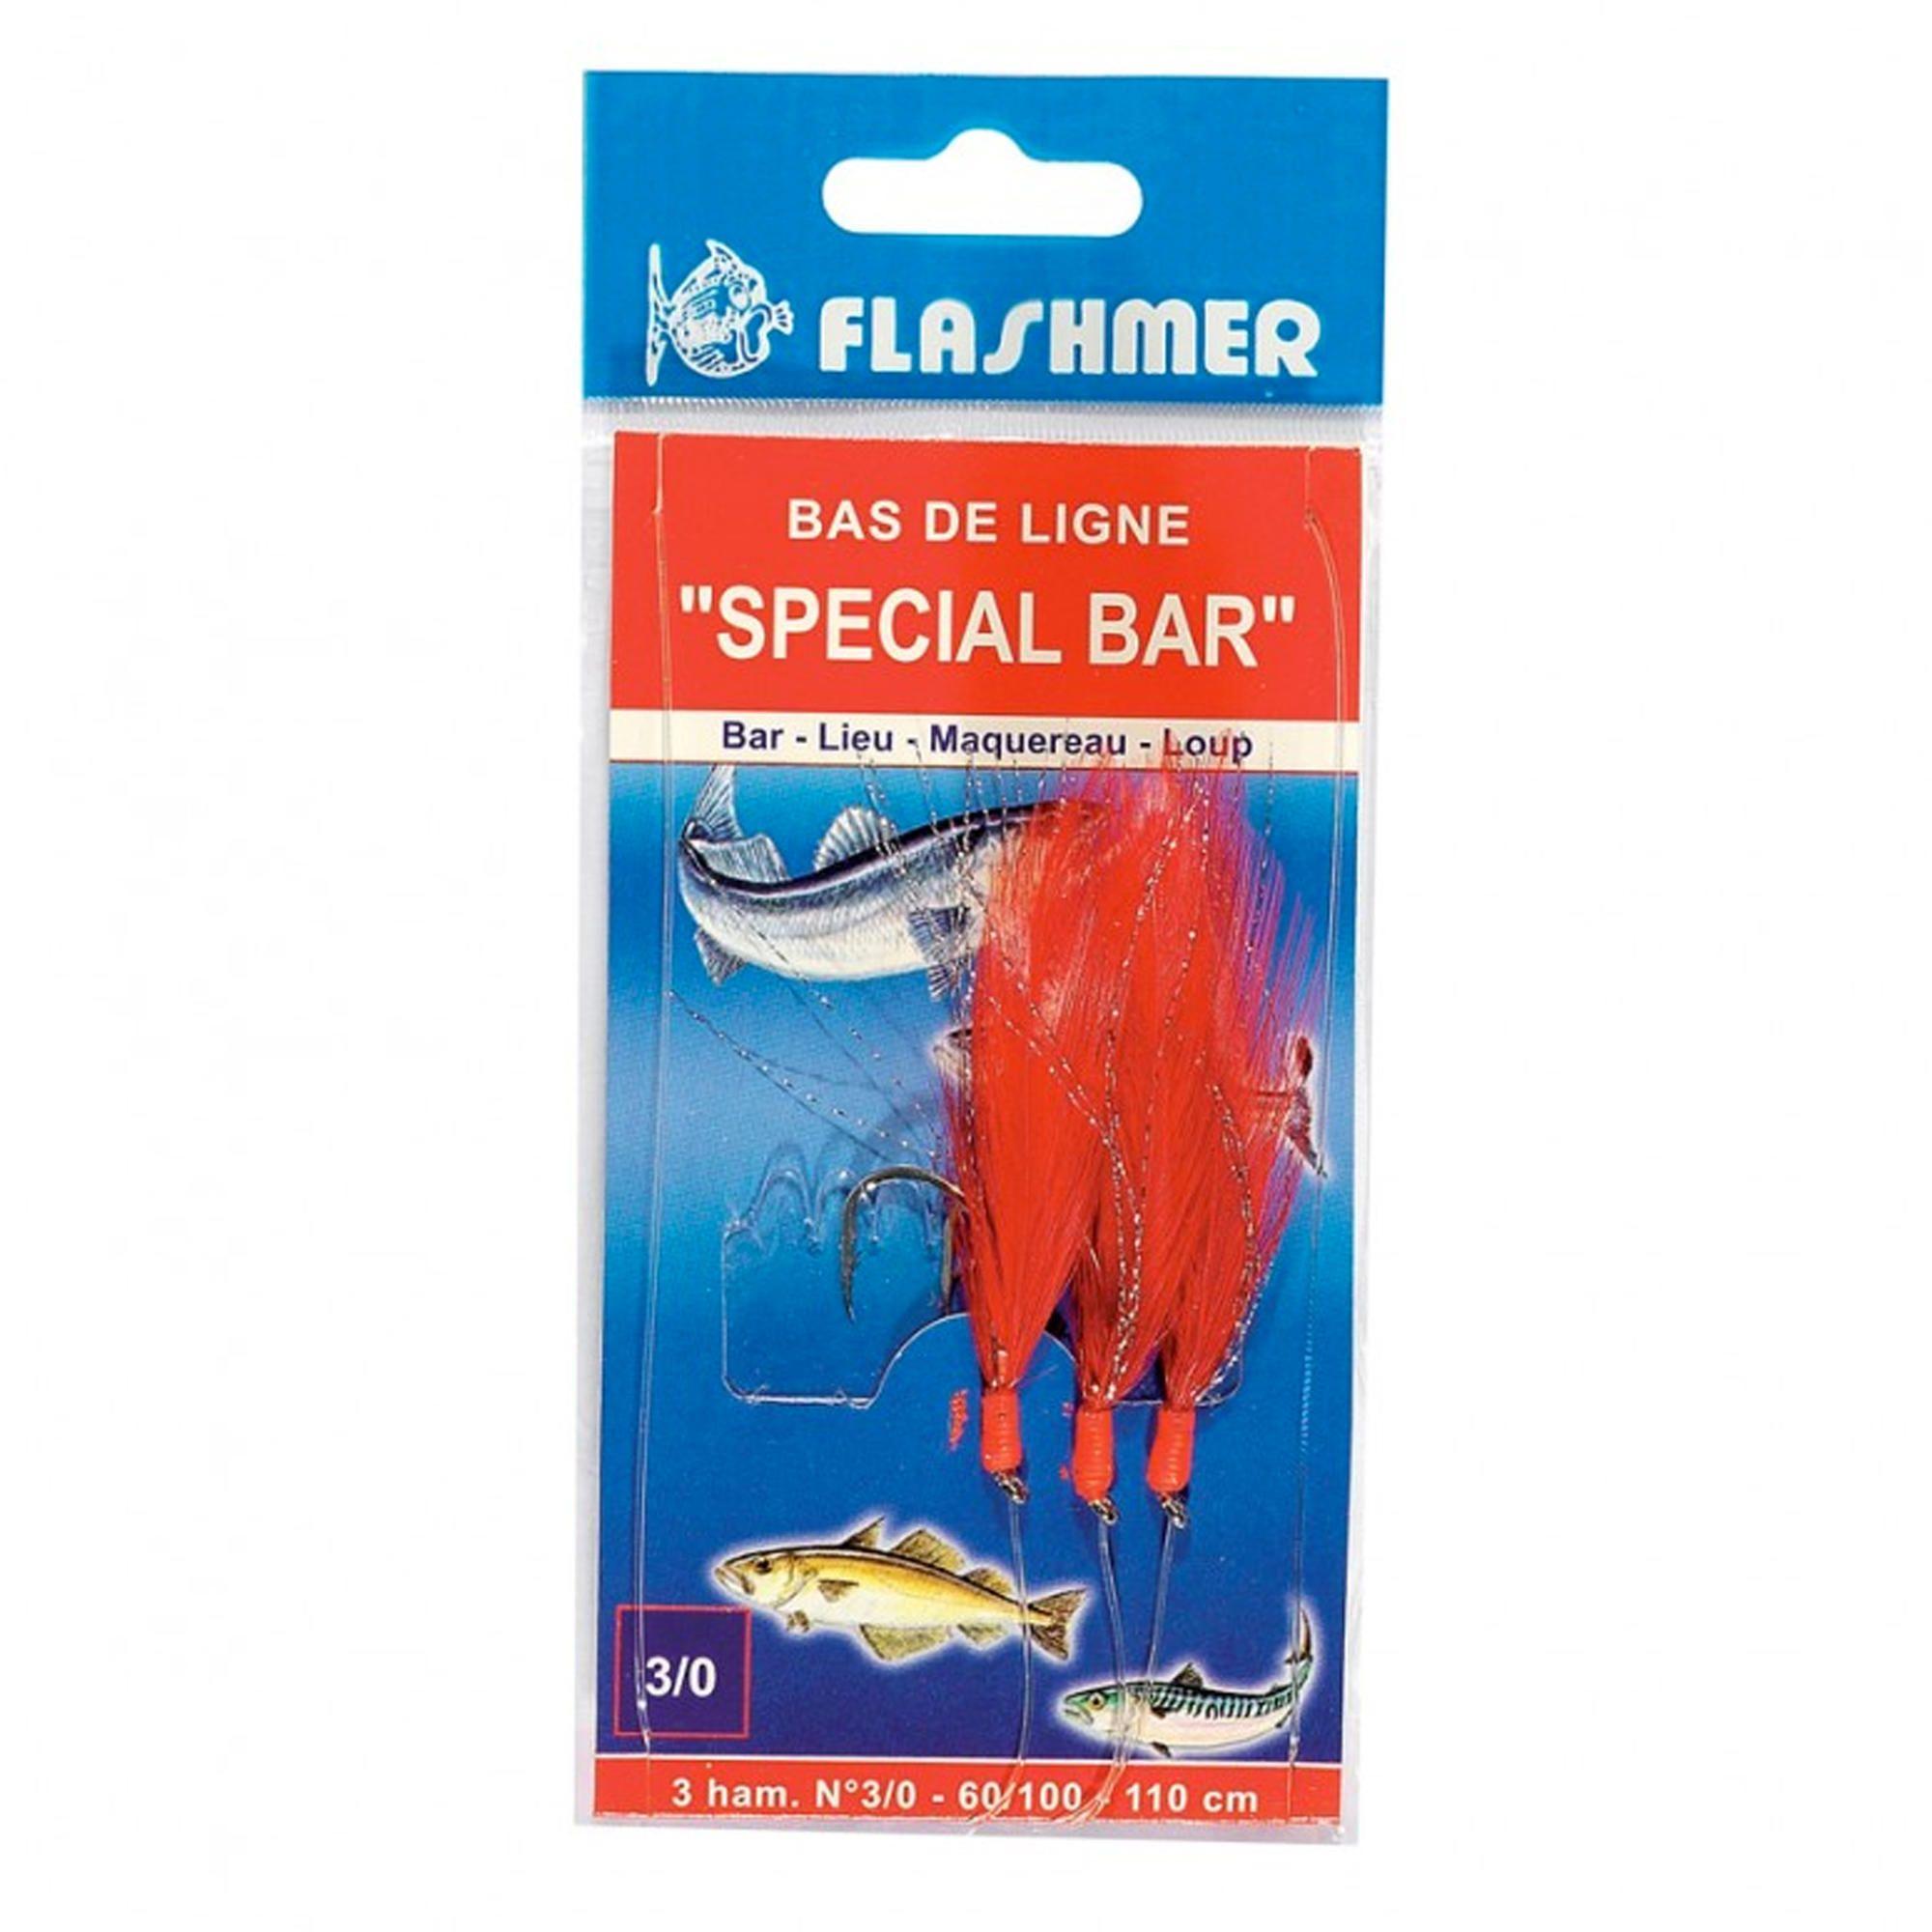 Flashmer - Hengelsport - Verenpaternoster - Lepels/veren zeehengelen Special baars rood nr. 3/0 x3. Deze gemonteerde lijn is ontworpen om te vissen op baars en andere zeeroofvissen.